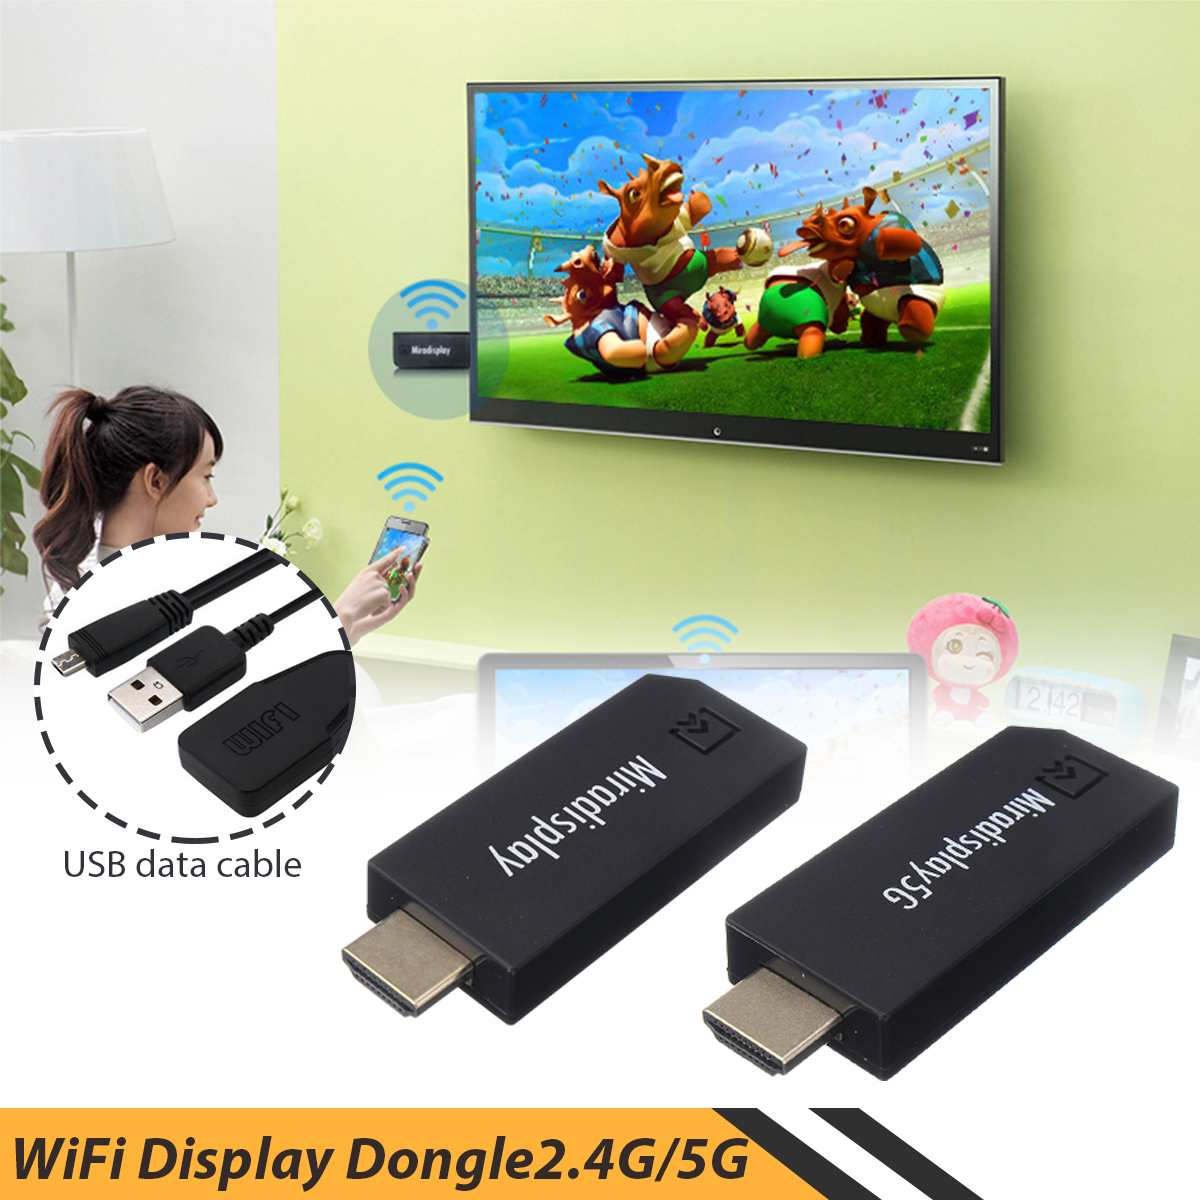 Unterhaltungselektronik 2,4g/5g Drahtlose Wifi Display Dongle Hdmi Unterstützung Für Miracast/dlna/airplay Mobile Computer Multi bildschirm Interaktion Gute QualitäT